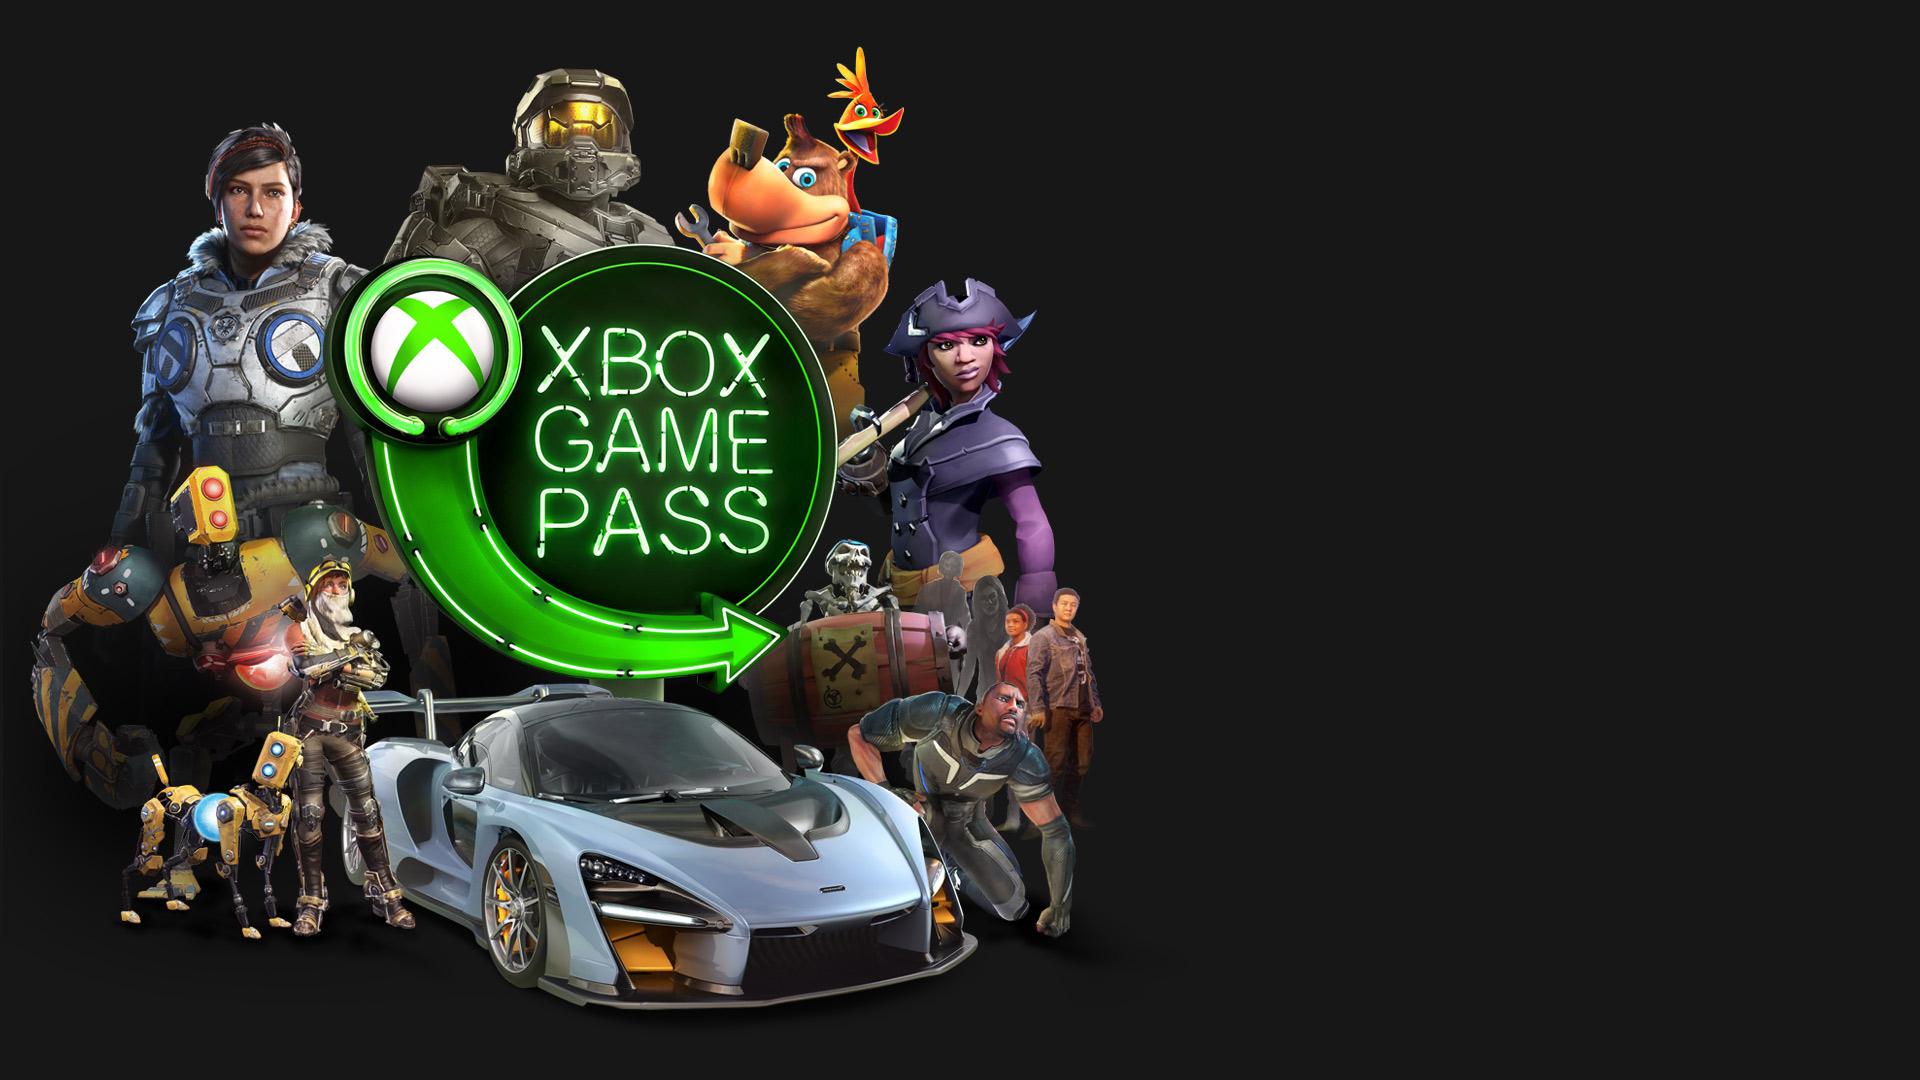 各種視訊遊戲角色圍繞著綠色霓虹燈的 Xbox Game Pass 標誌